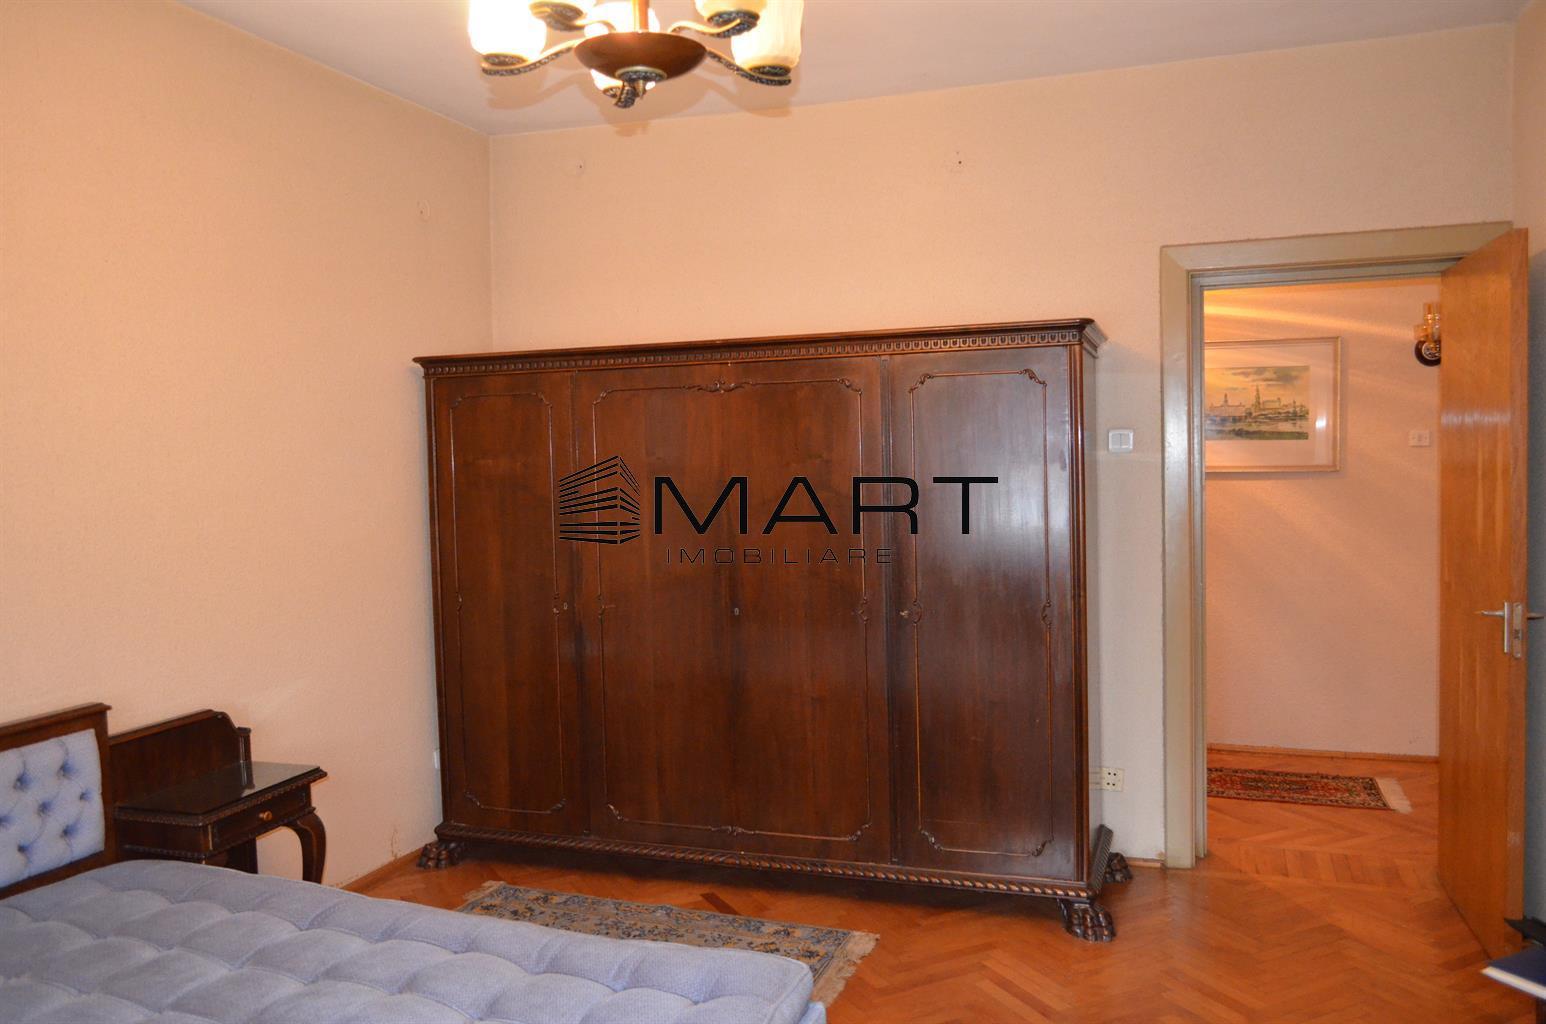 Apartament casa 3 camere 130 mp utili zona Parc Sub Arini